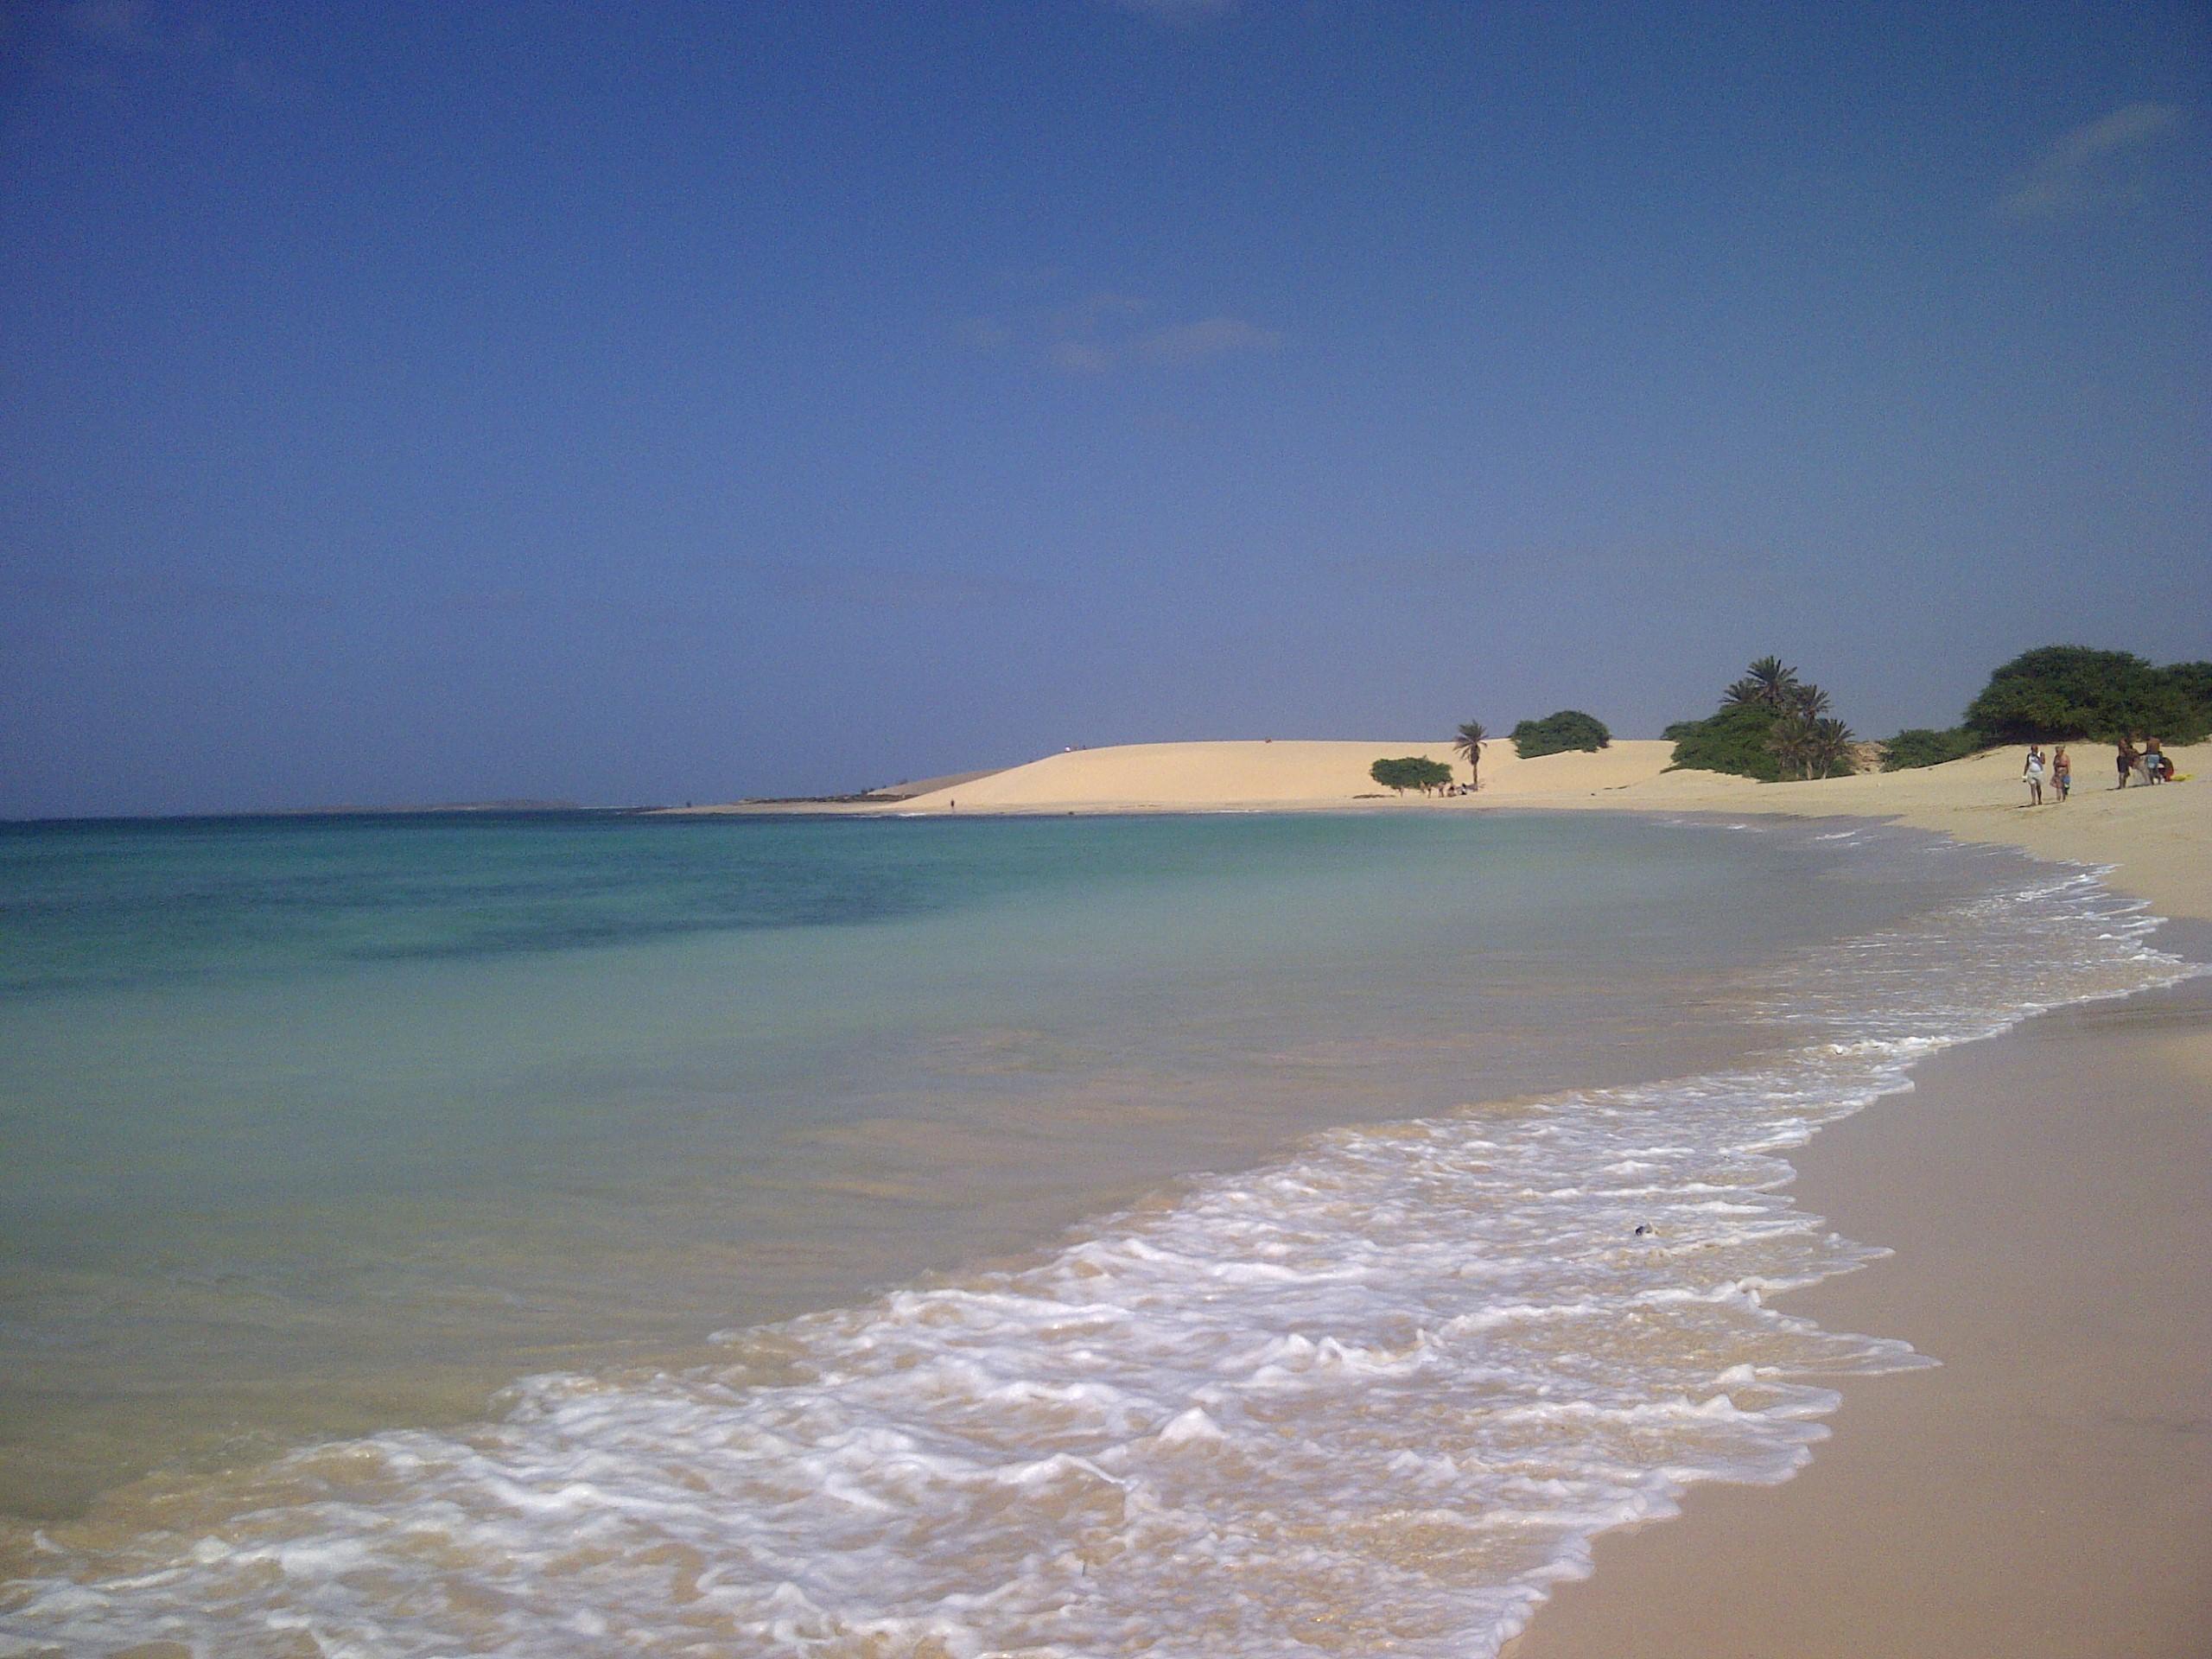 Boa Vista Island